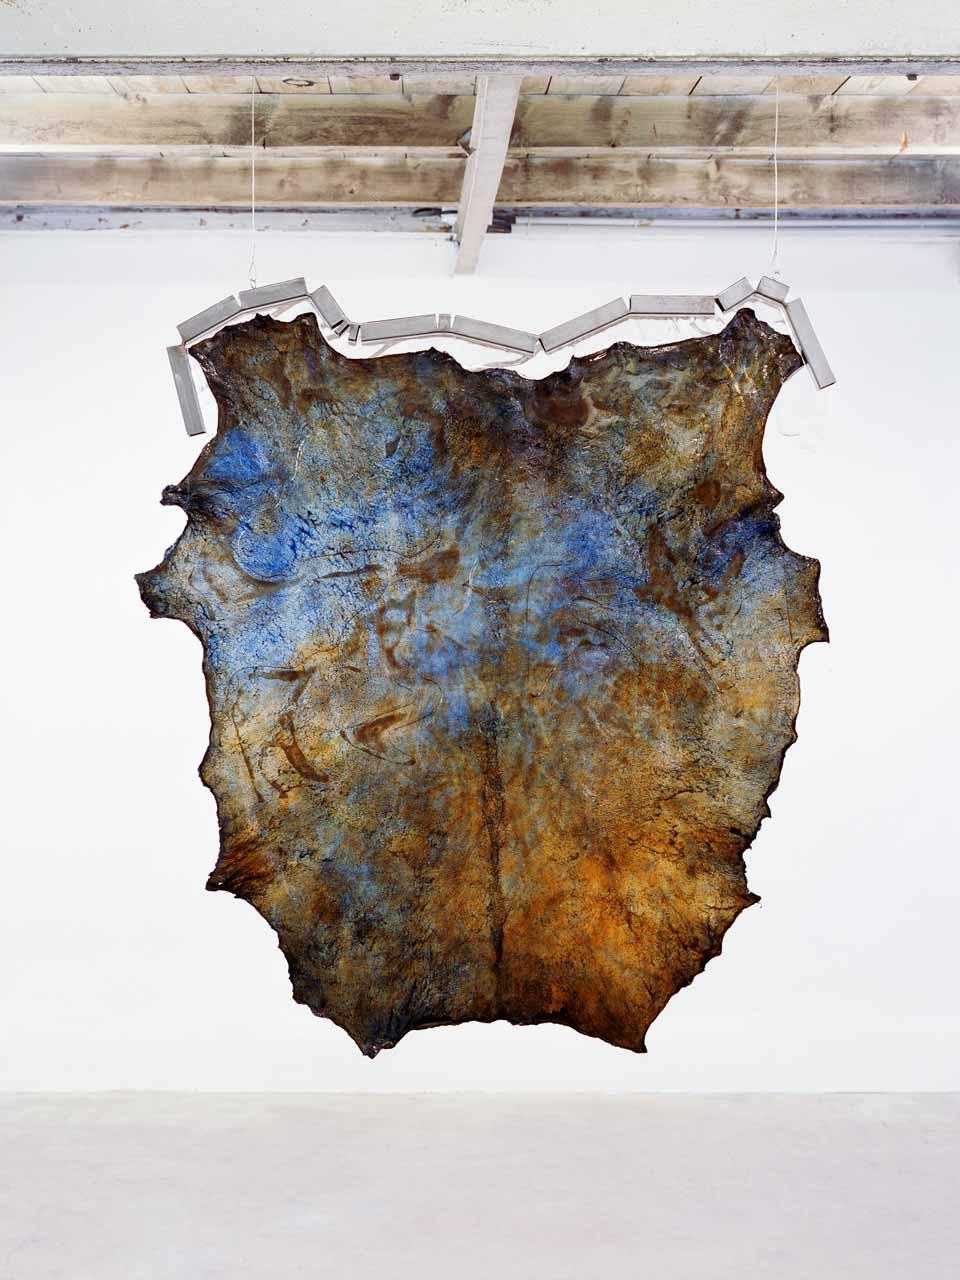 D Ou Vient Le Cuir le cuir vitrail d'amandine guruceaga - leather fashion